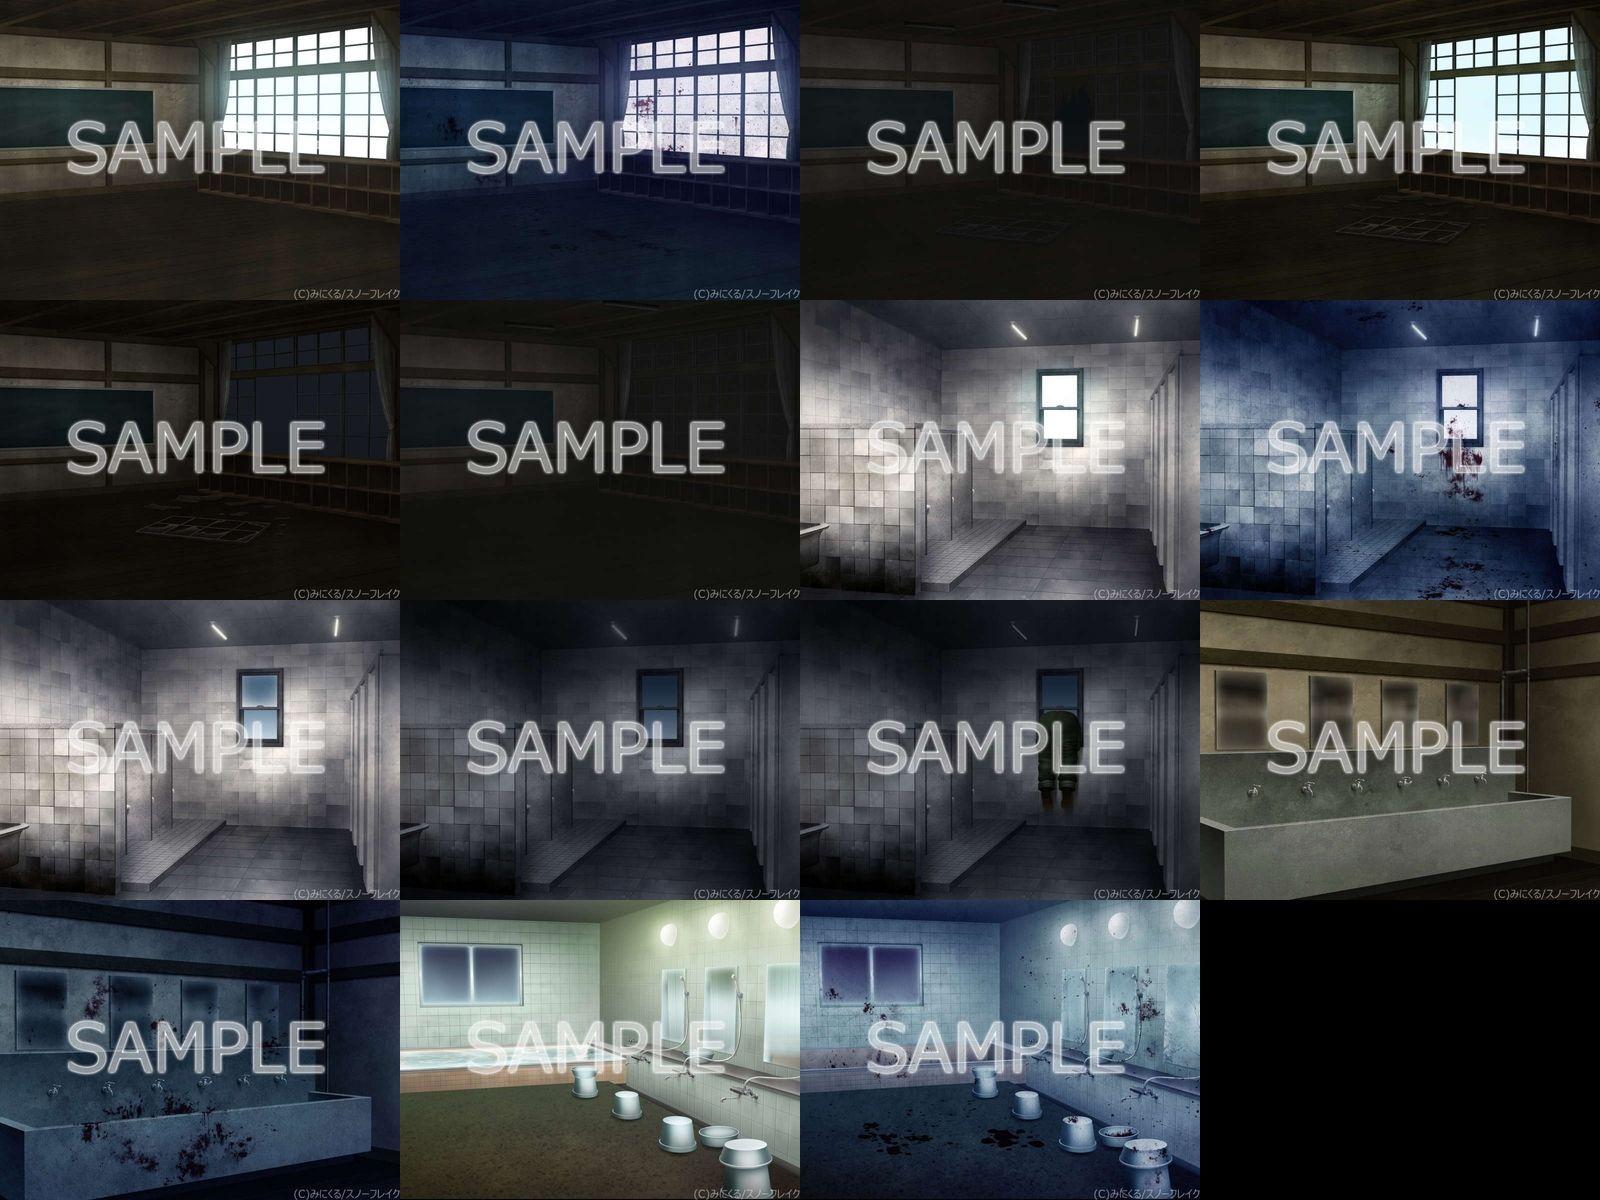 みにくる背景CG素材集『旧校舎・ホラー編』part01のサンプル画像8